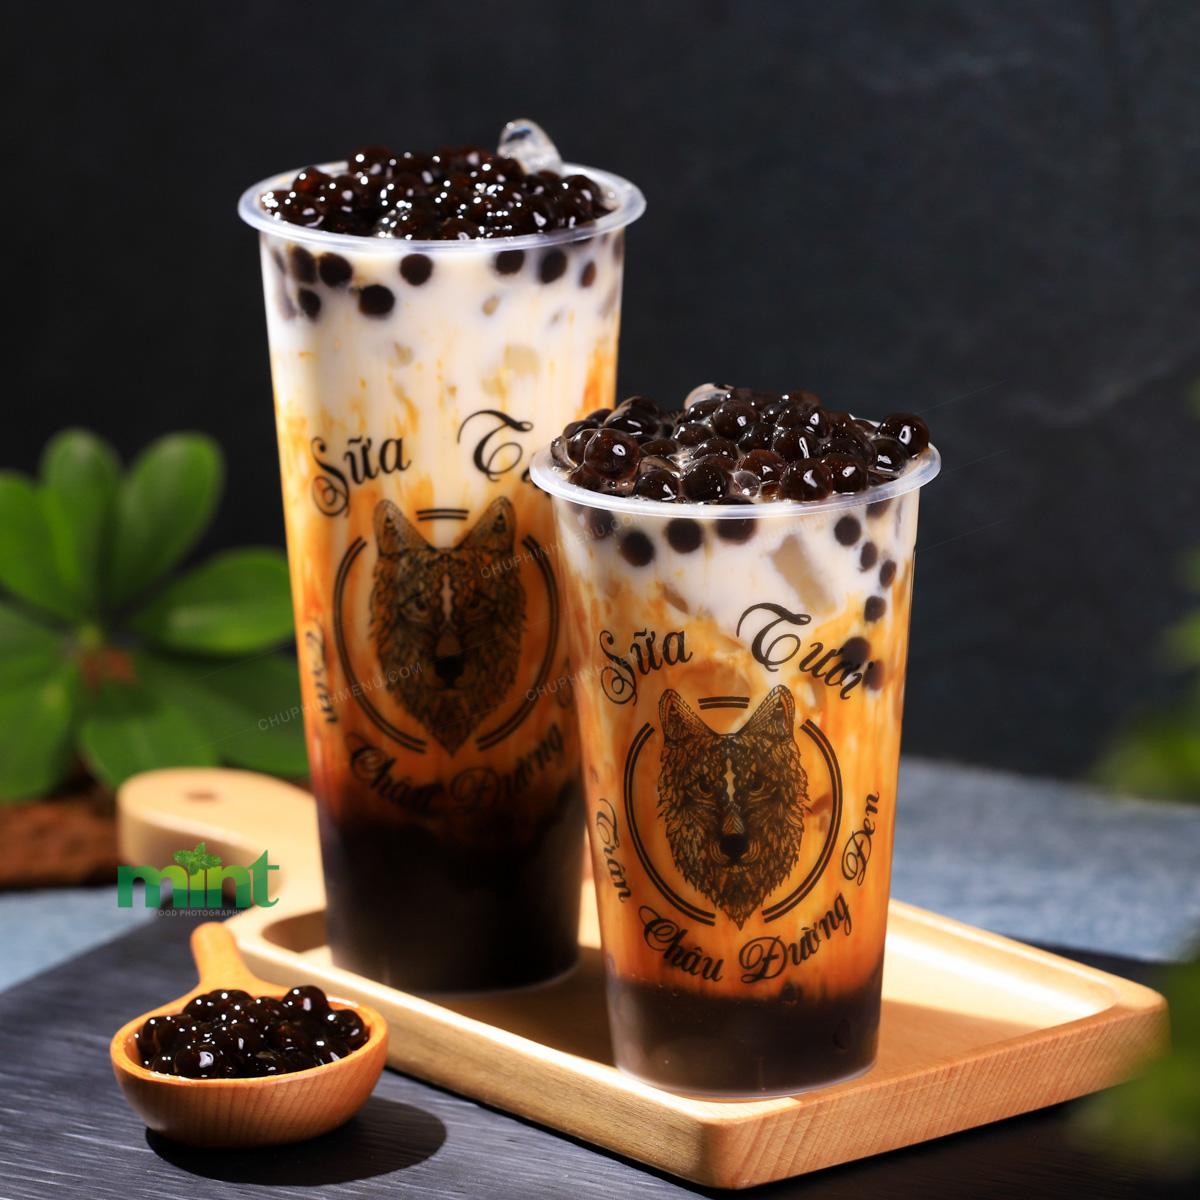 Món này hot nhất Sài Gòn luôn nè!